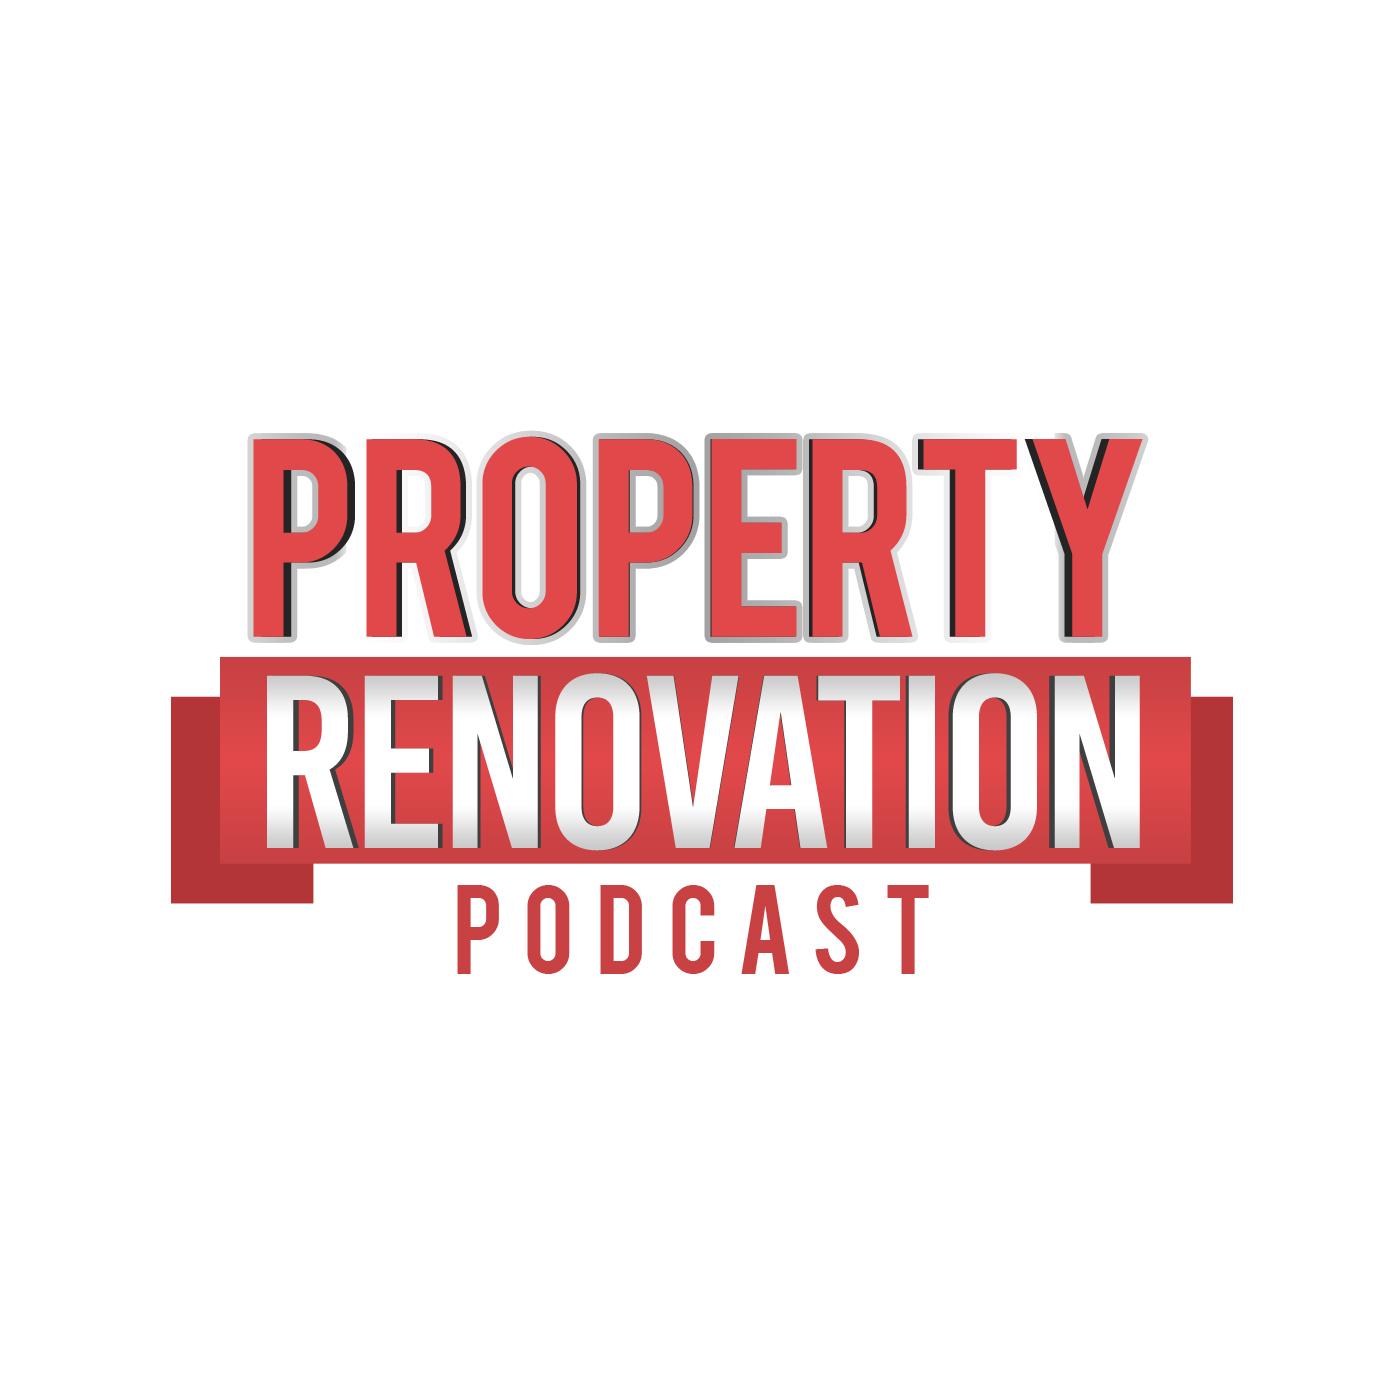 Podcast-logo-only-.jpg